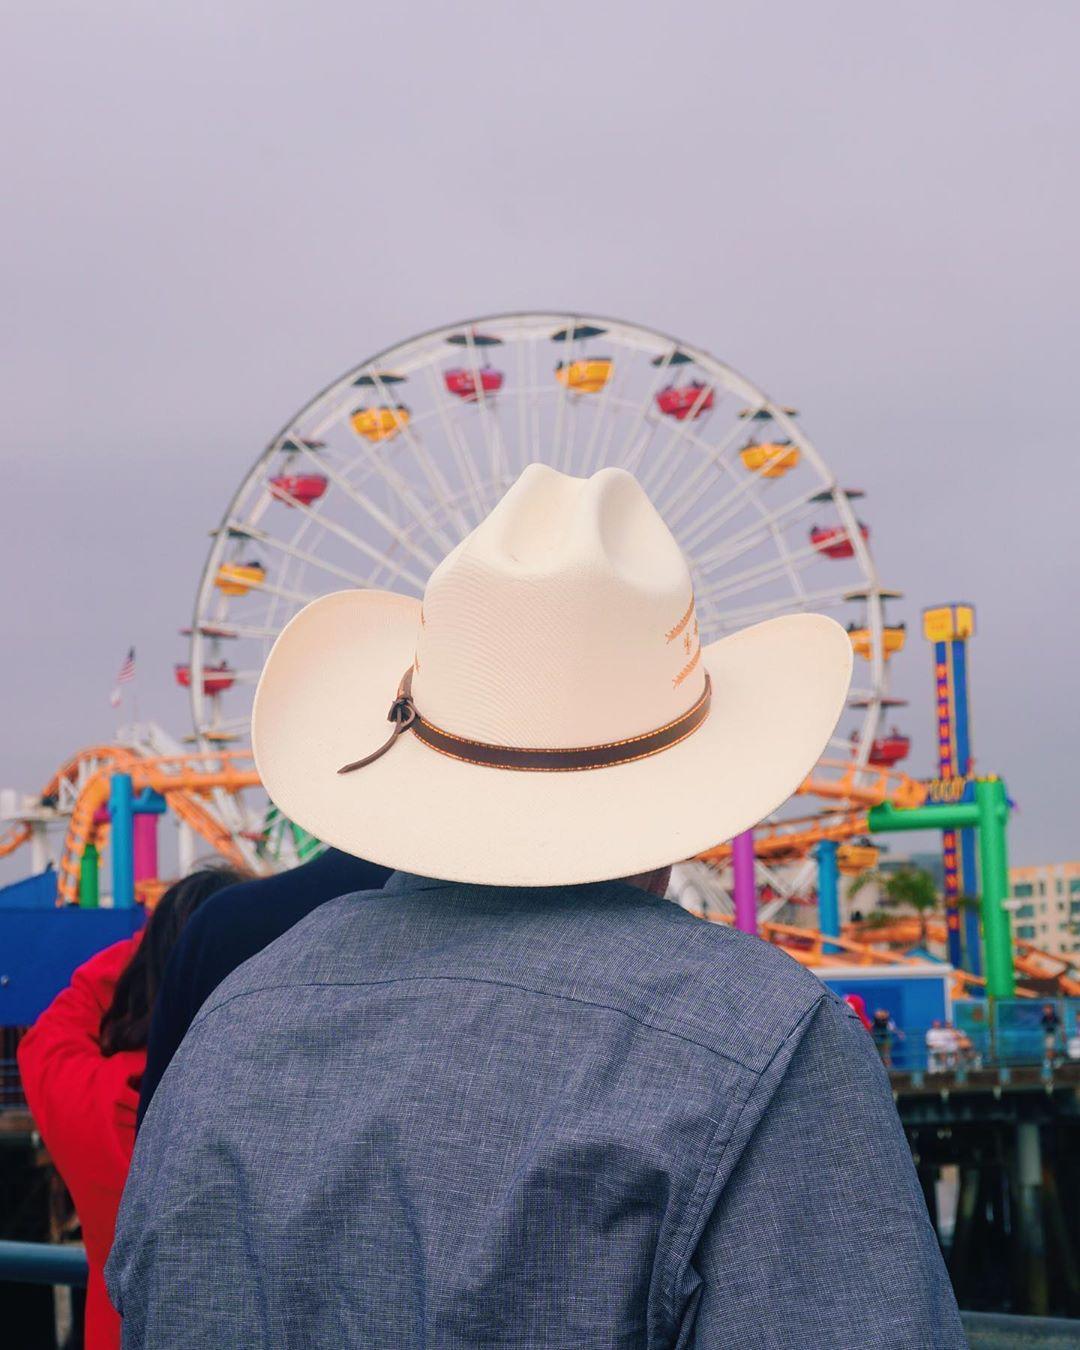 LA sombrero. Foto: Rodrigo Autric